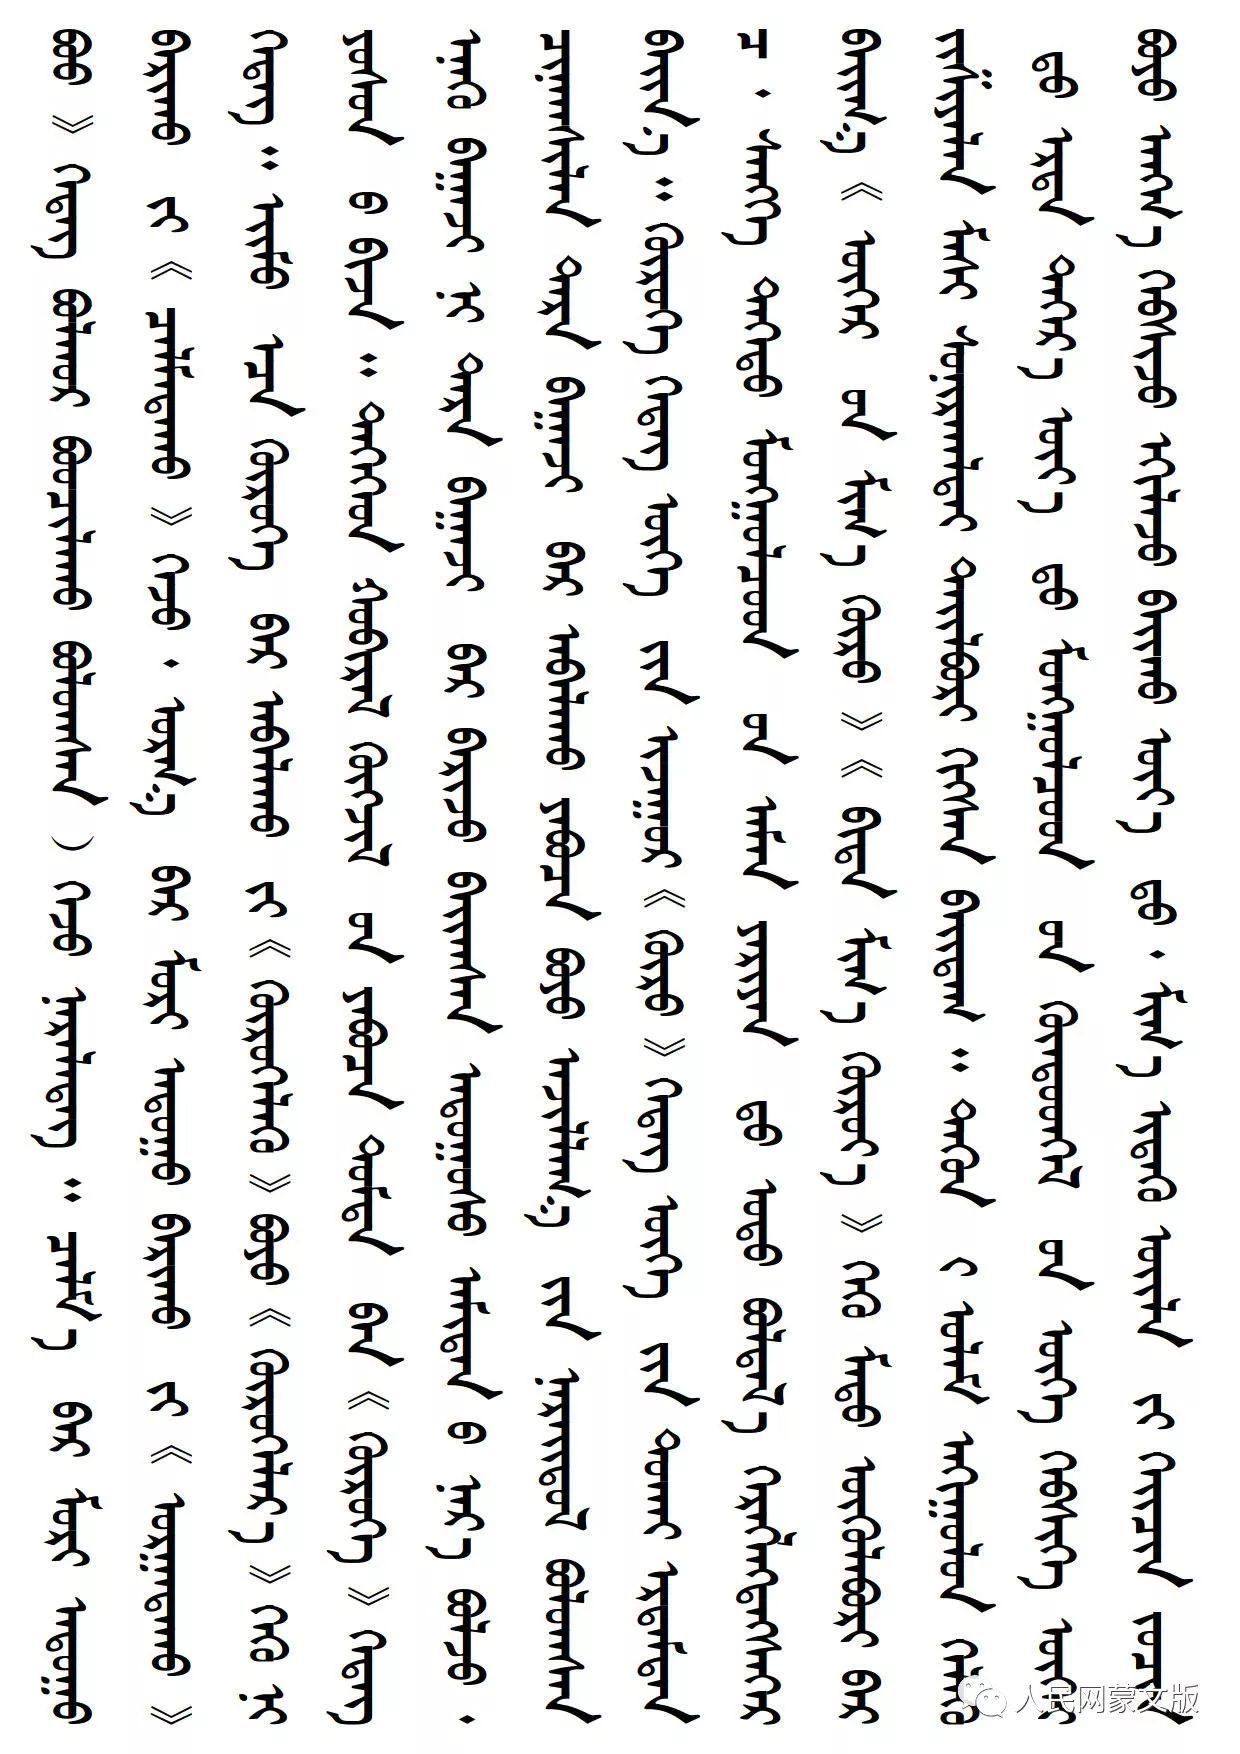 蒙古民俗探源 有关蒙古族狩猎的专有名词 第6张 蒙古民俗探源 有关蒙古族狩猎的专有名词 蒙古文库